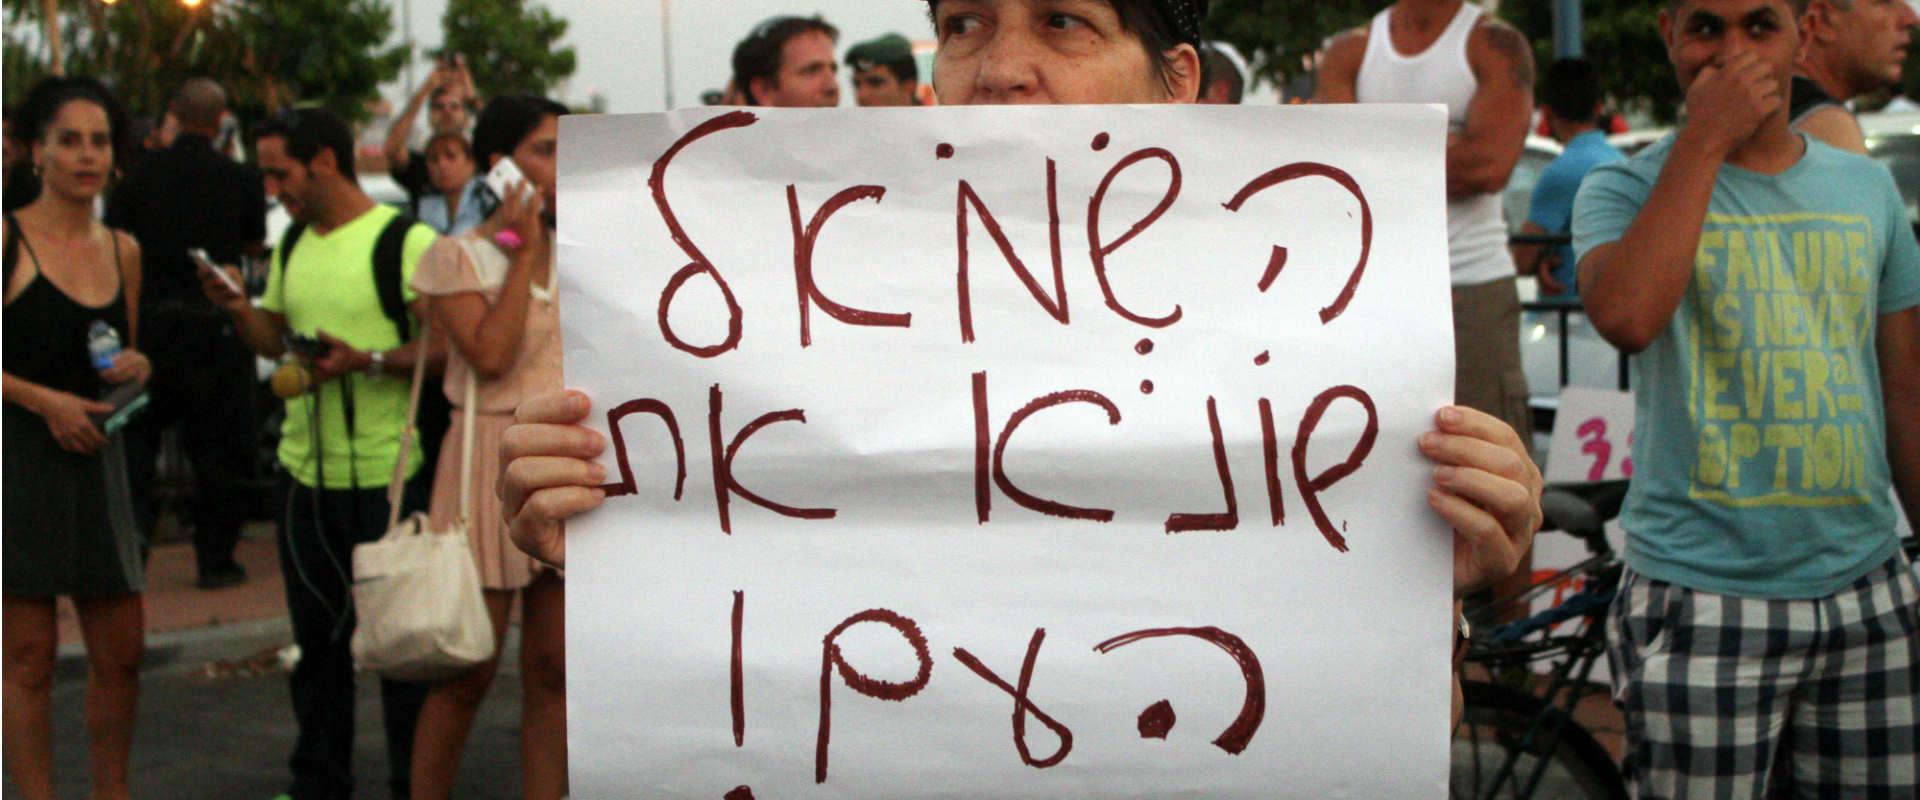 """הפגנה מחוץ לחתונת מוסלמי ויהודיה בראשל""""צ, 2014"""